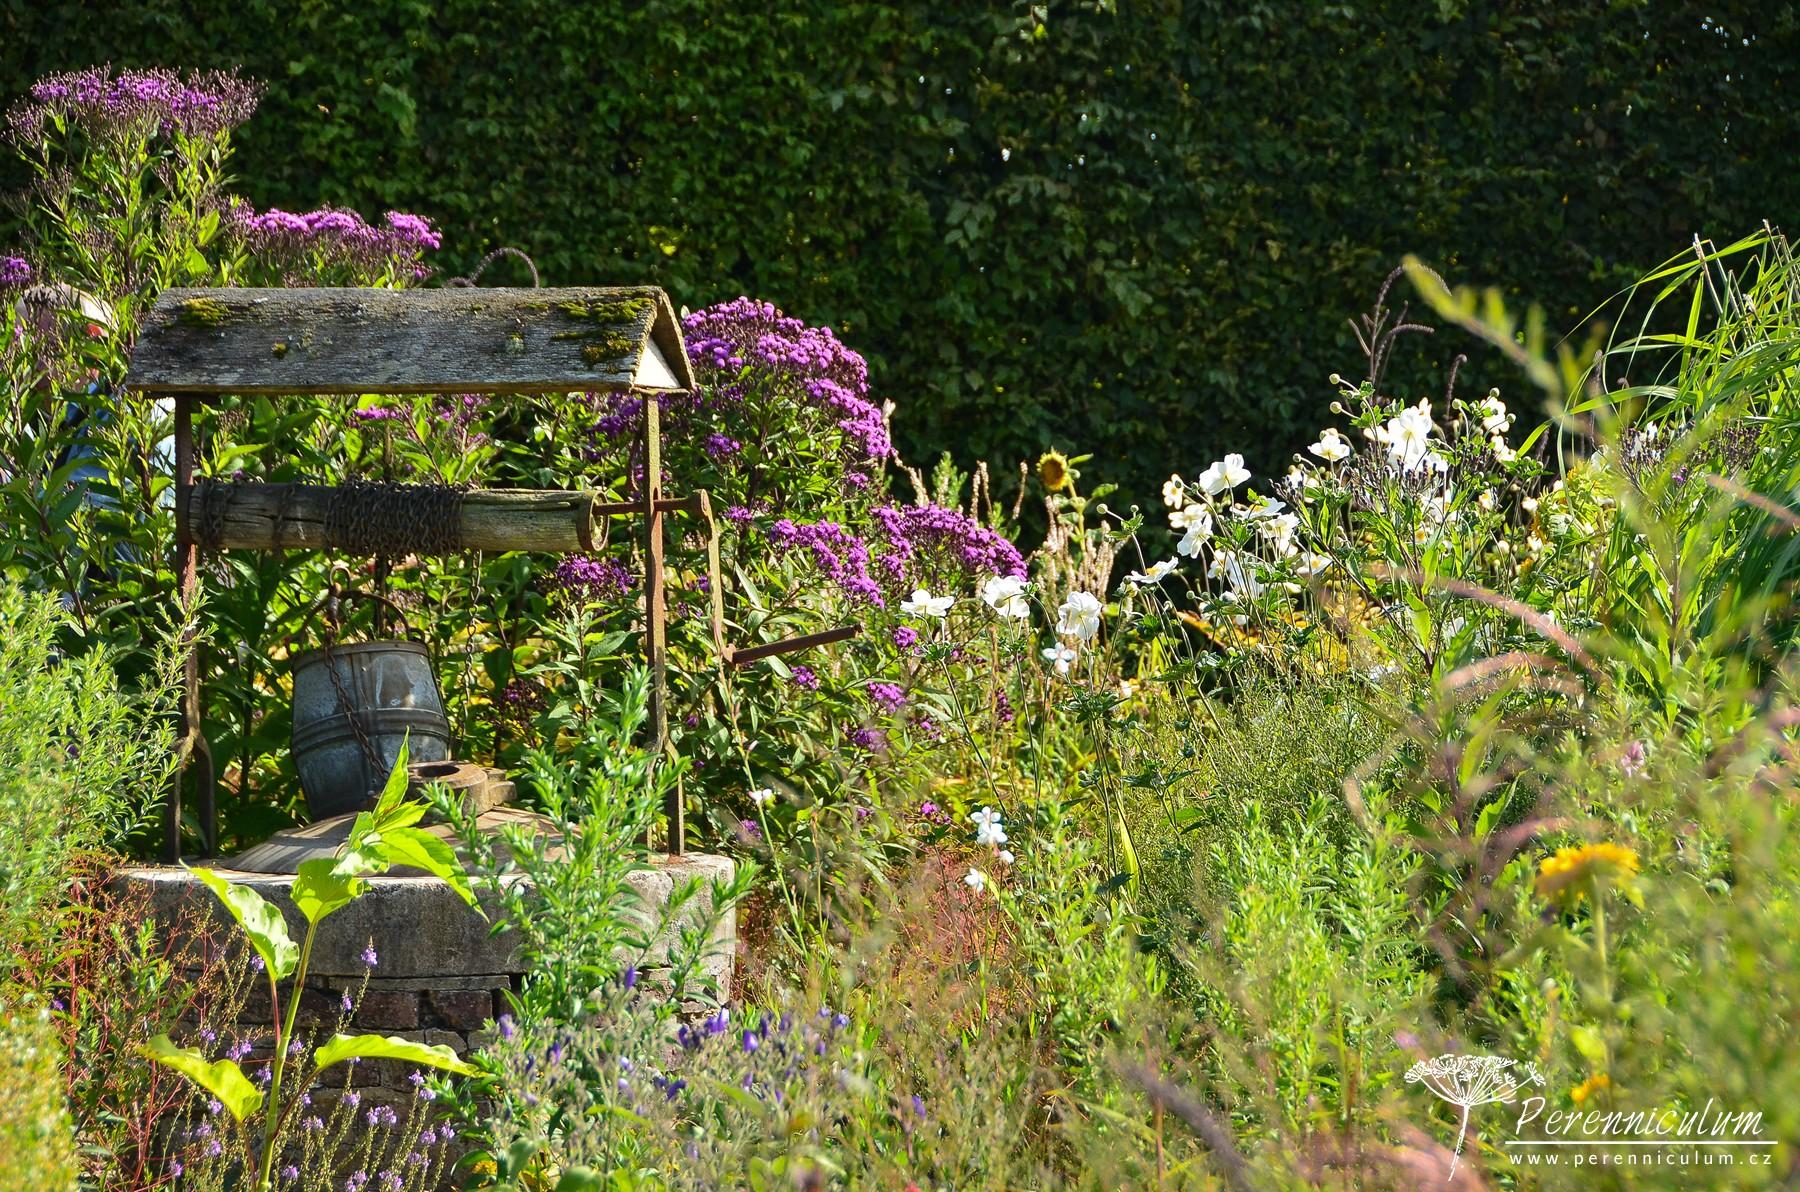 Podzimní zahradě, která navazuje na pergolu s posezením, dominují vysoké trvalky jako <em>Eupatorium</em>, <em>Vernonia</em>, <em>Symphiotrichum</em> nebo <em>Anemone hybrida</em>. Mezi nimi se schovává stará studna.